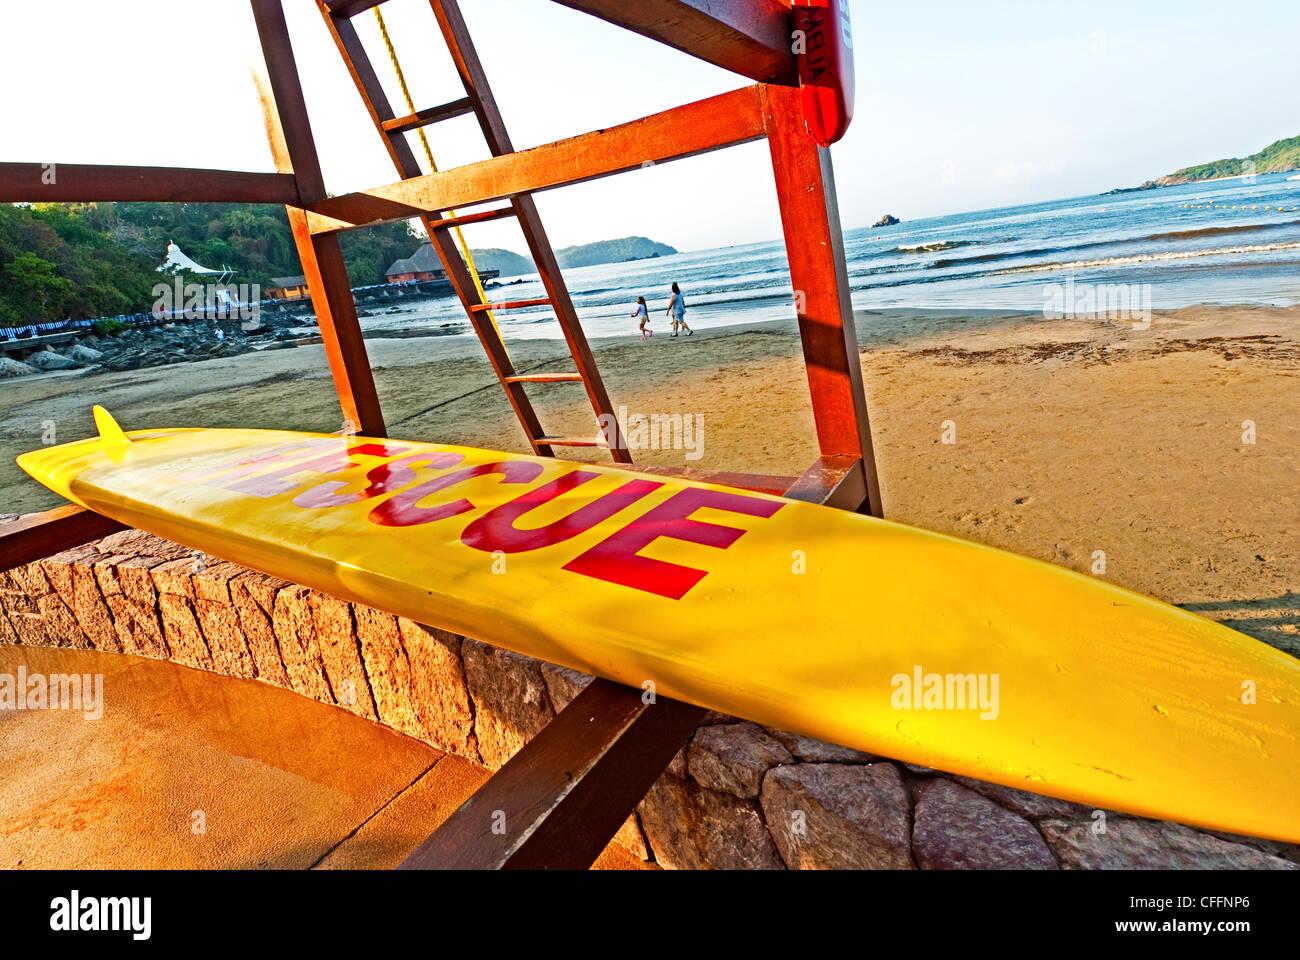 Azul Ixtapa Hotel Meliá Rettungsschwimmer stehen und Surfbrett am Strand in Ixtapa/Zihuatanejo, Mexiko zu retten Stockbild